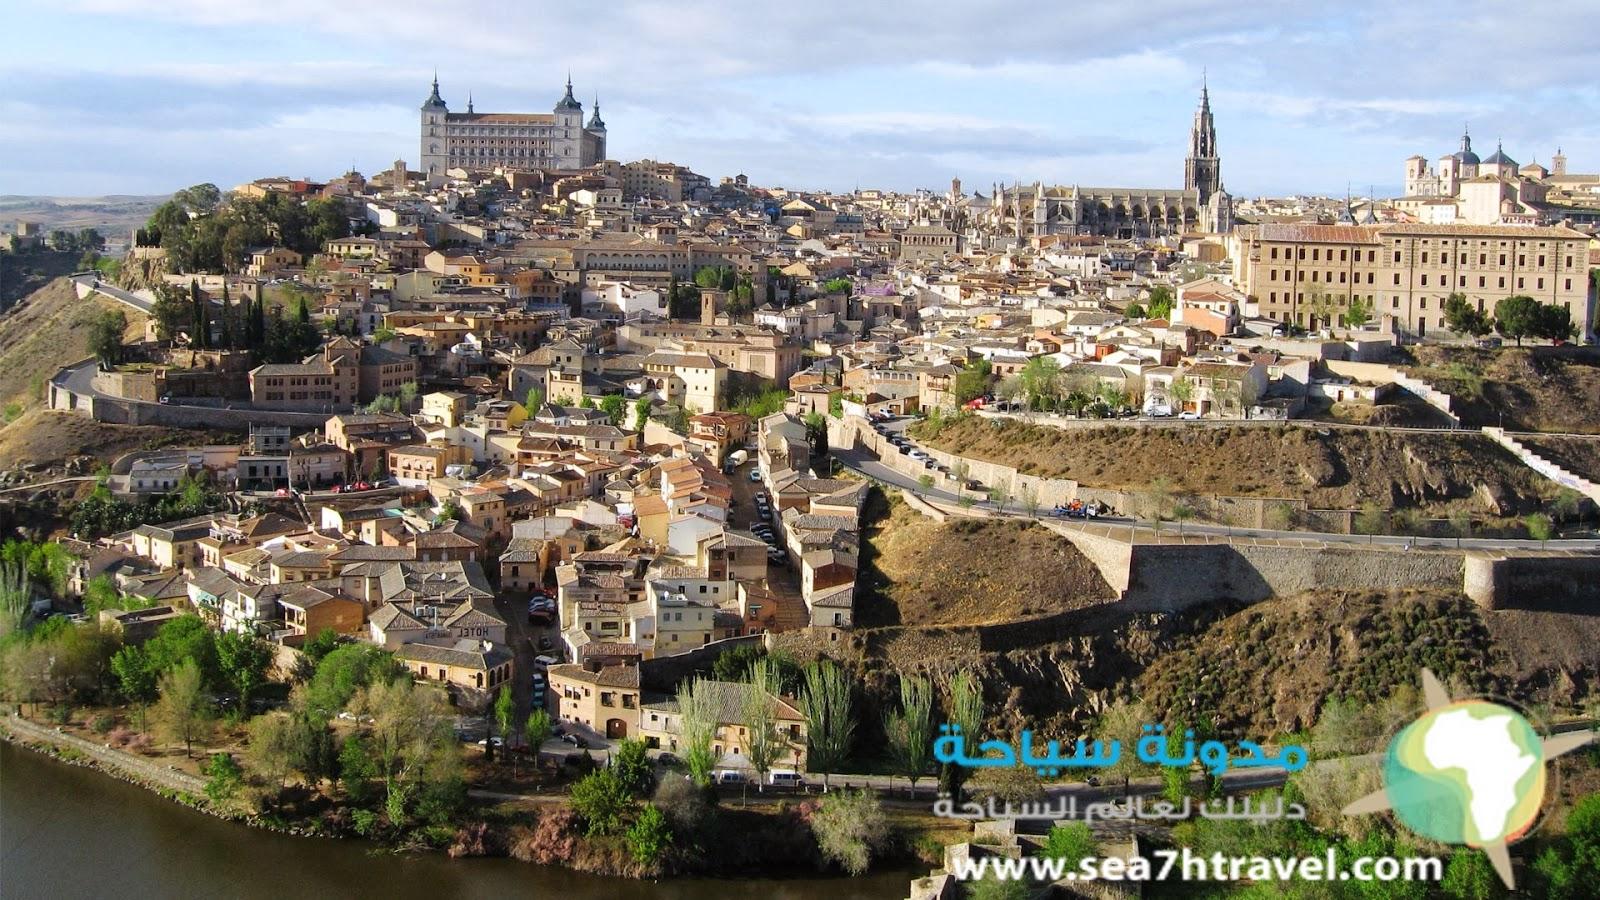 معلومات من مدينة توليدو إسبانيا   طليطلة